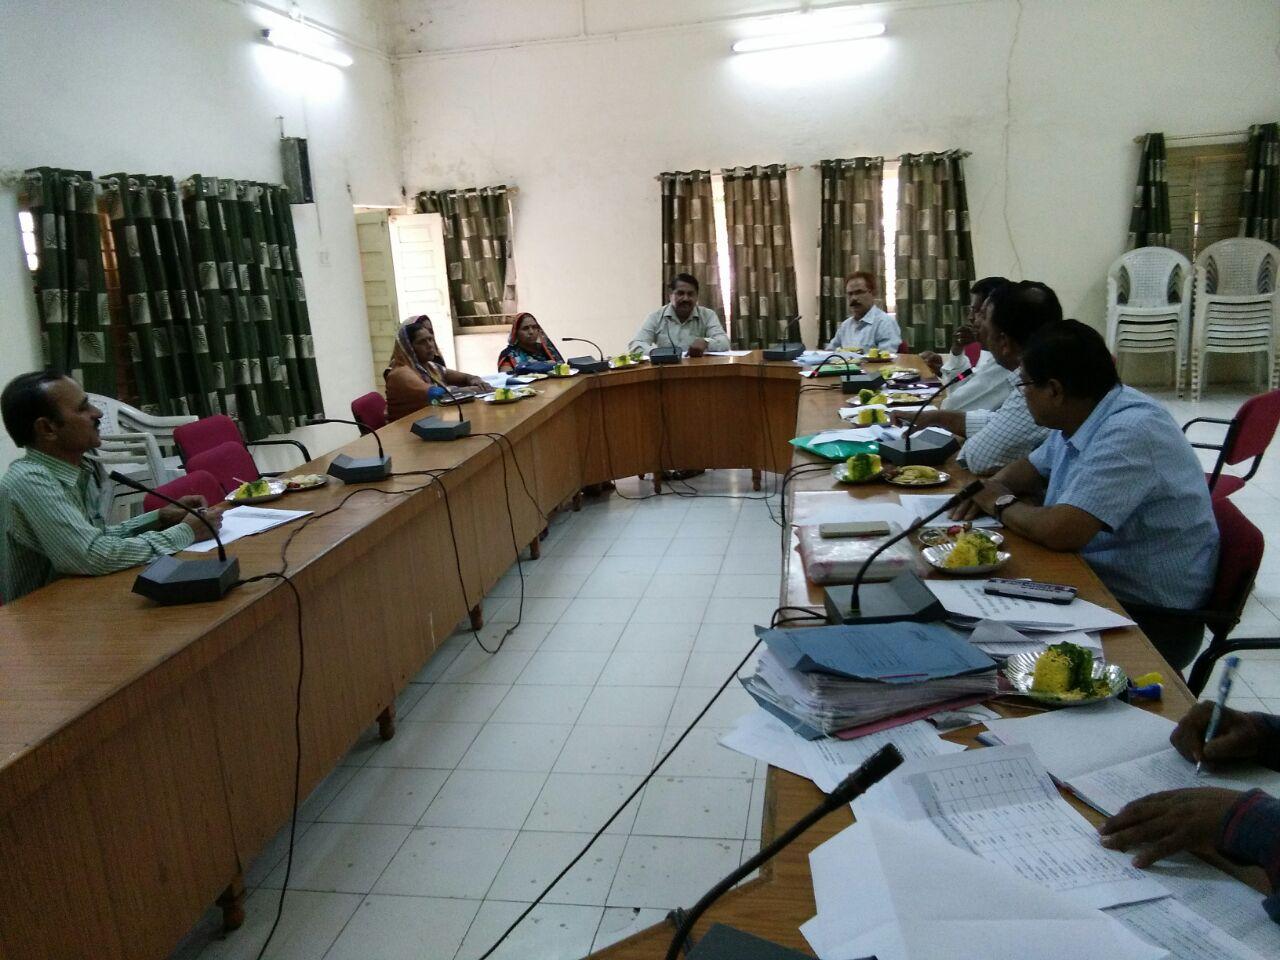 Meeting-of-Agriculture-Standing-Committee-of-District-Panchayat-concluded-जिला पंचायत की कृषि स्थाई समिति की बैठक संपन्न